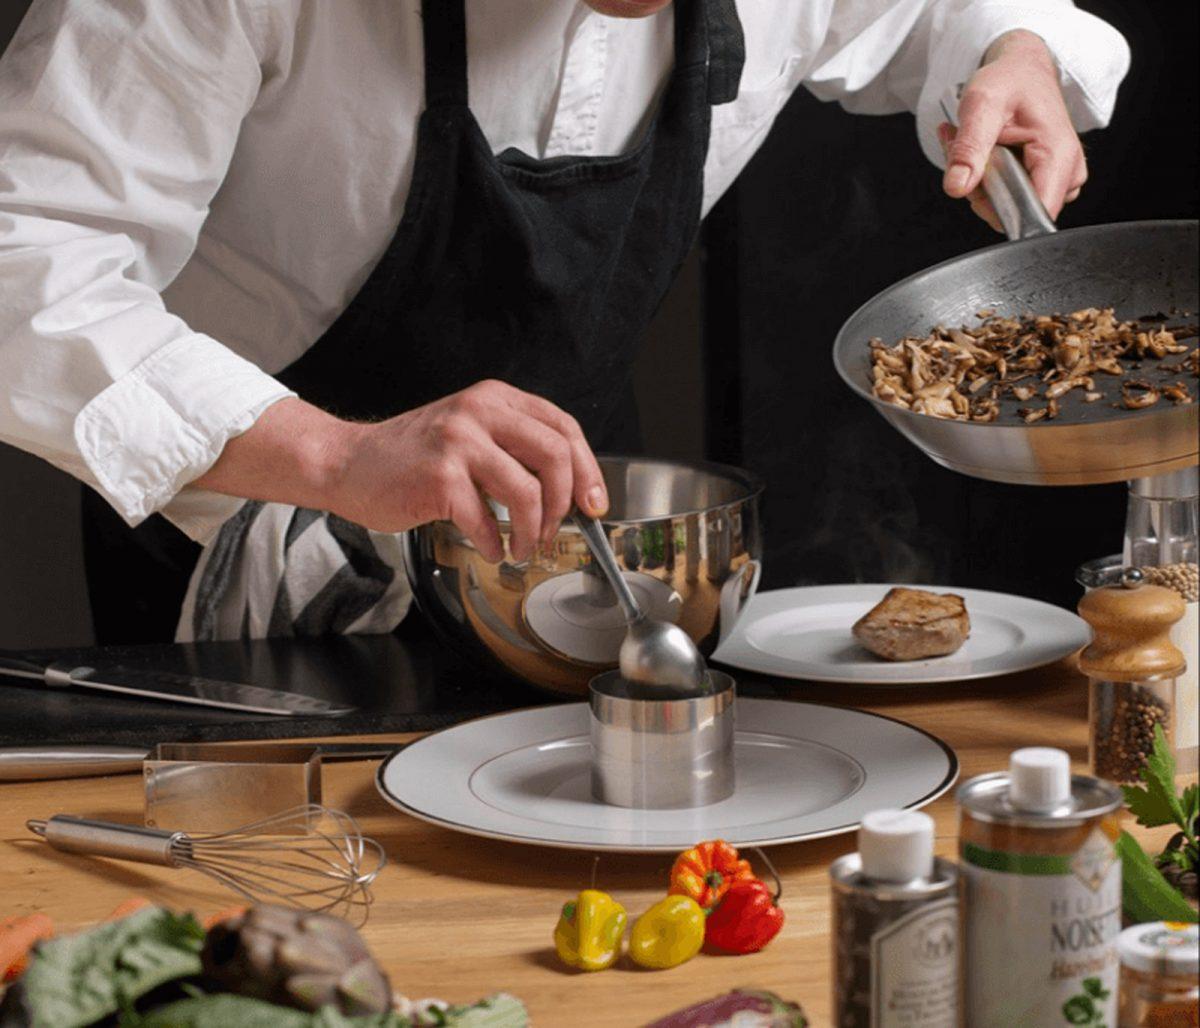 Dressage d'une assiette par un chef à l'aide d'un emporte-pièce